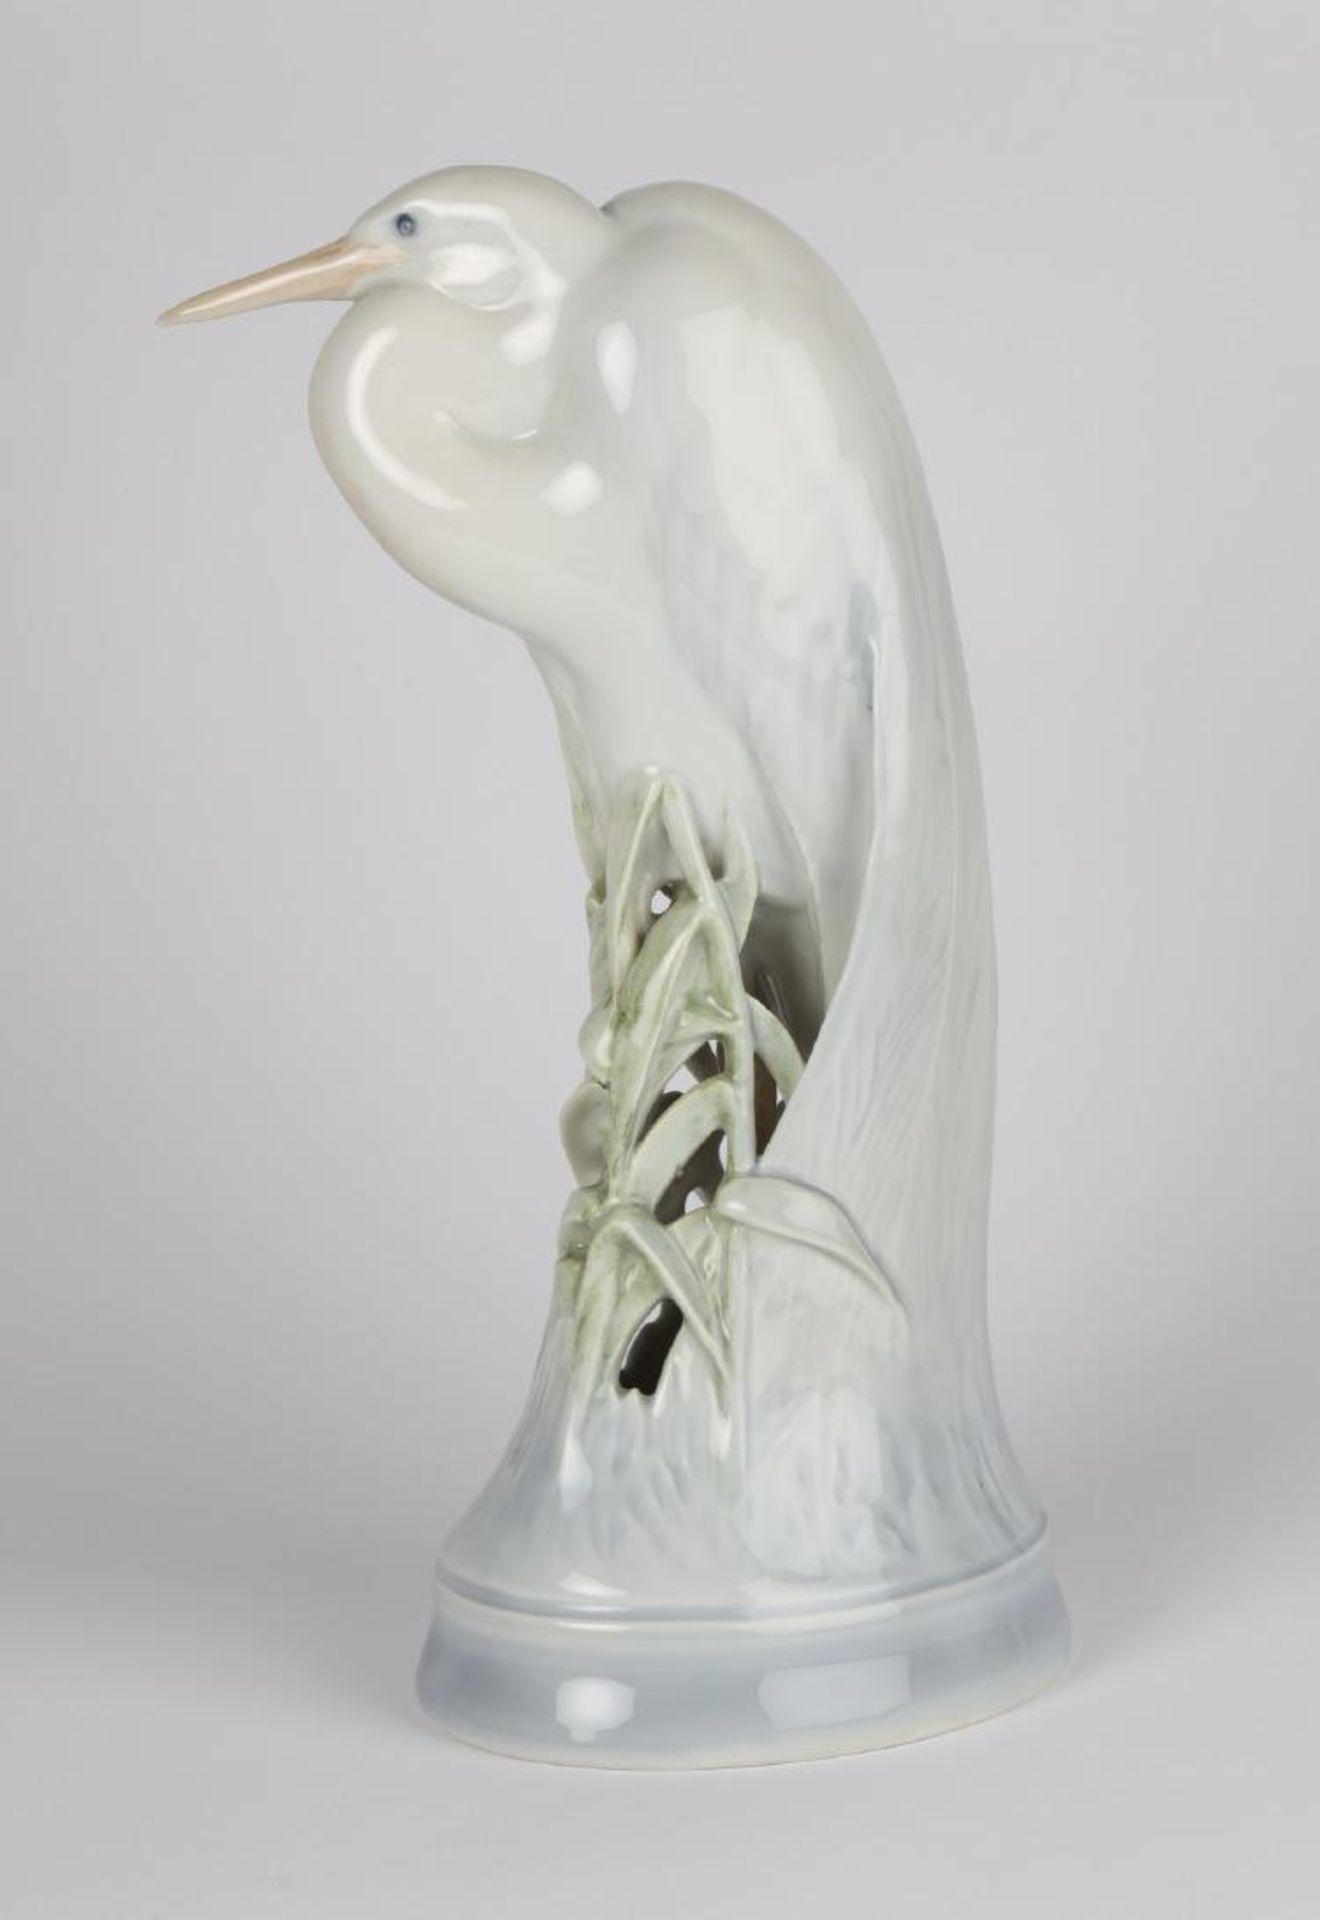 Royal Copenhagen. Großer asiatischer Reiher. Entwurf Theodor Madsen. Modell 532. I.W. H. ca. 28cm.